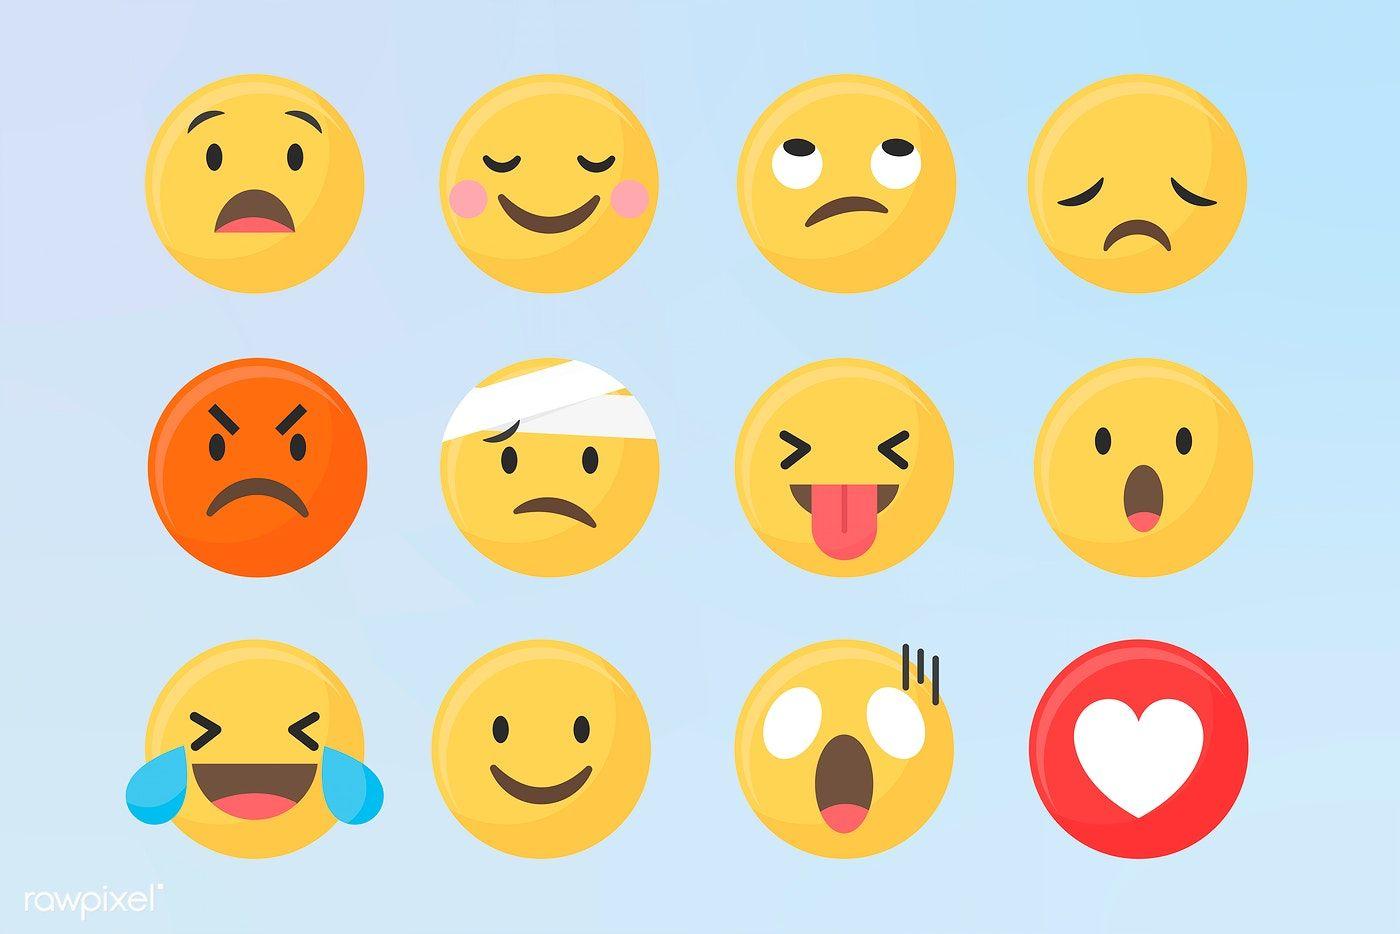 Social Media Emoticons Vector Set Free Image By Rawpixel Com Aum Minty Vector Free Emoji Set Emoticon